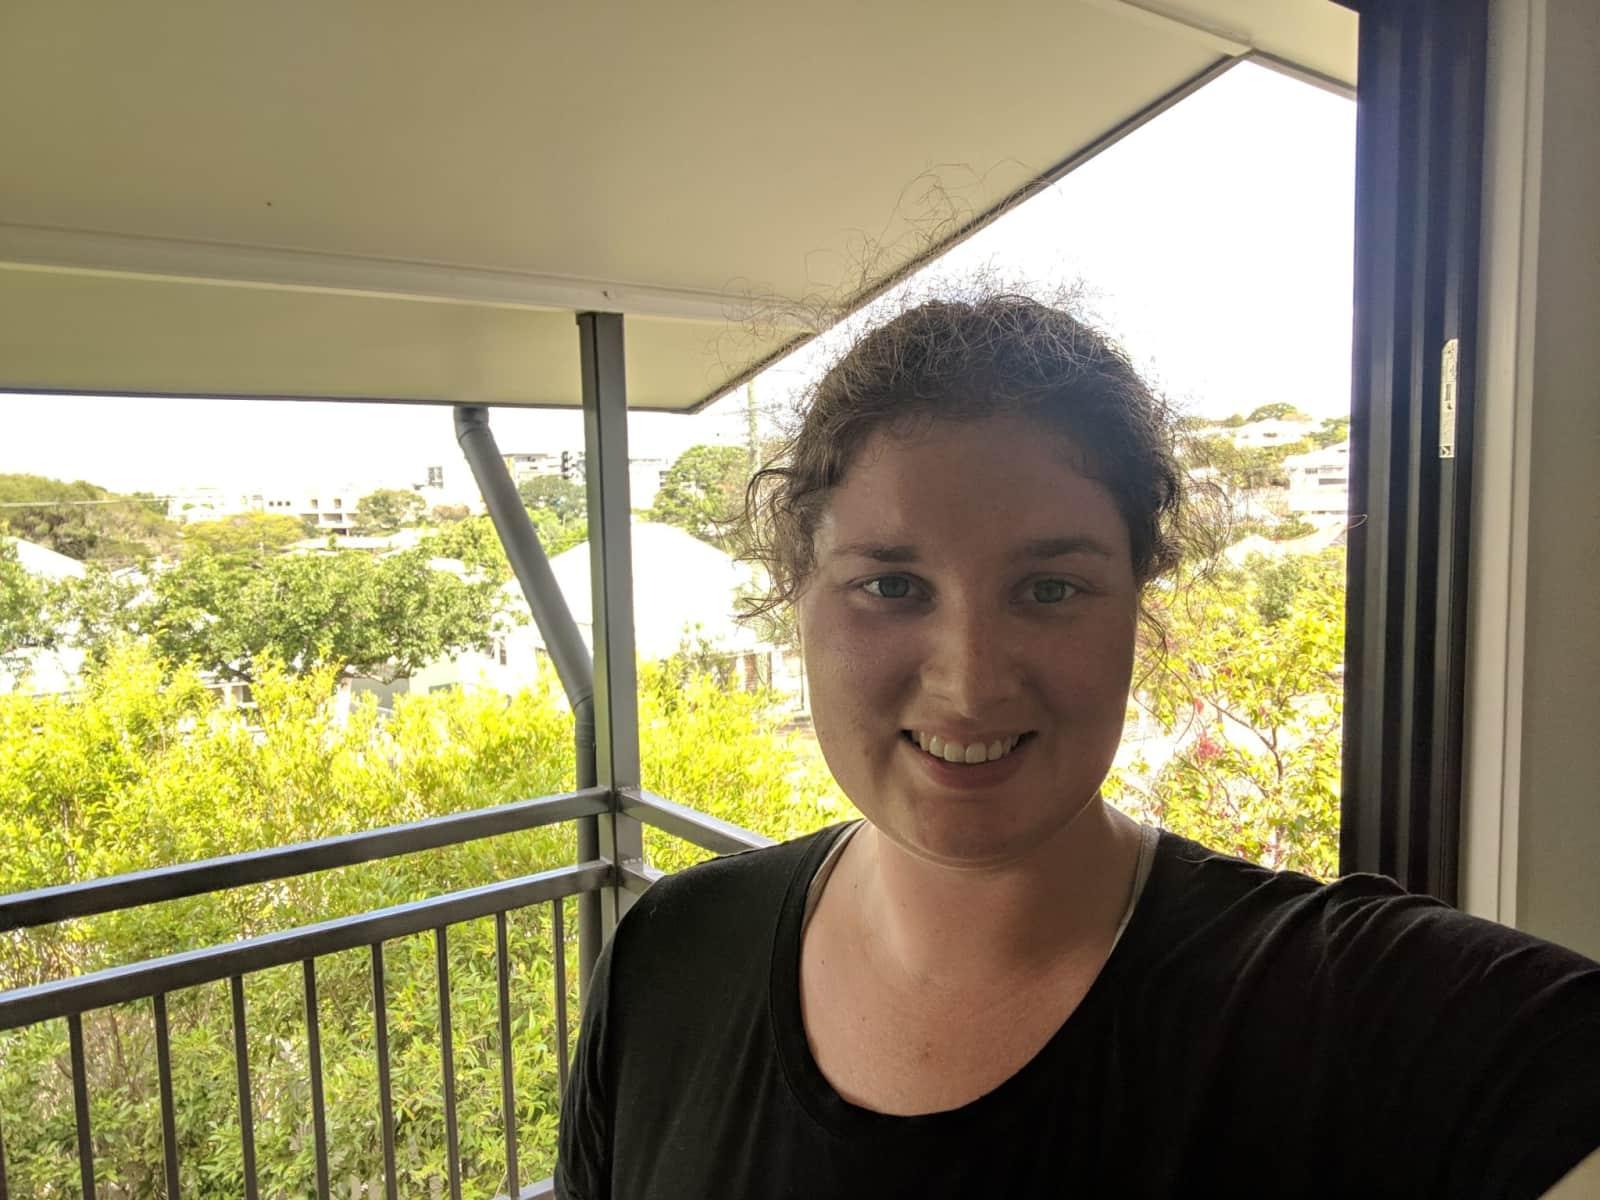 Bridget from Brisbane, Queensland, Australia